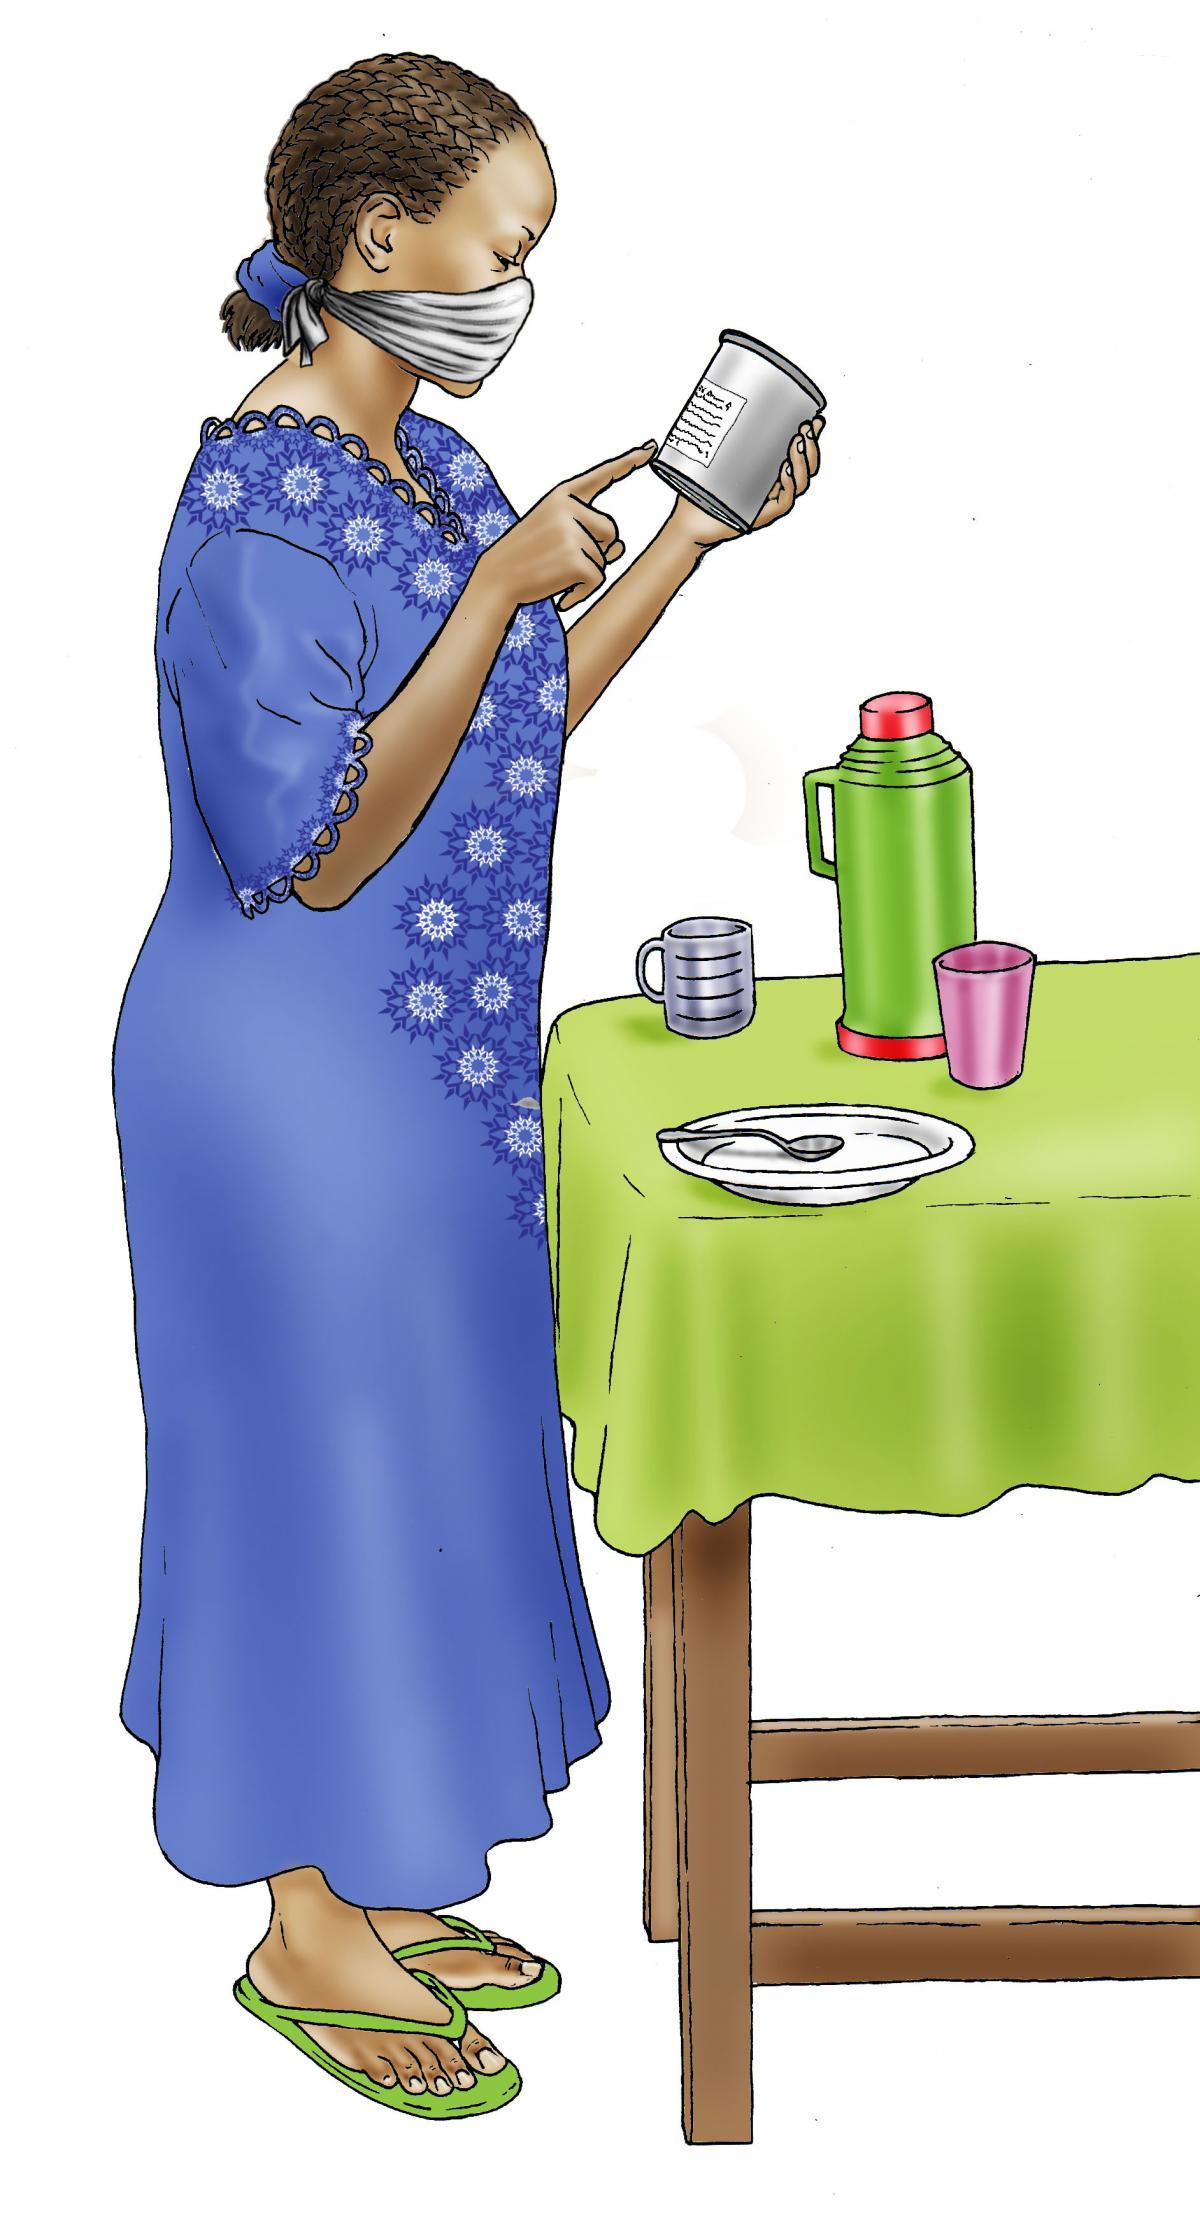 Cup Feeding - Preparing infant formula - 01 - COVID